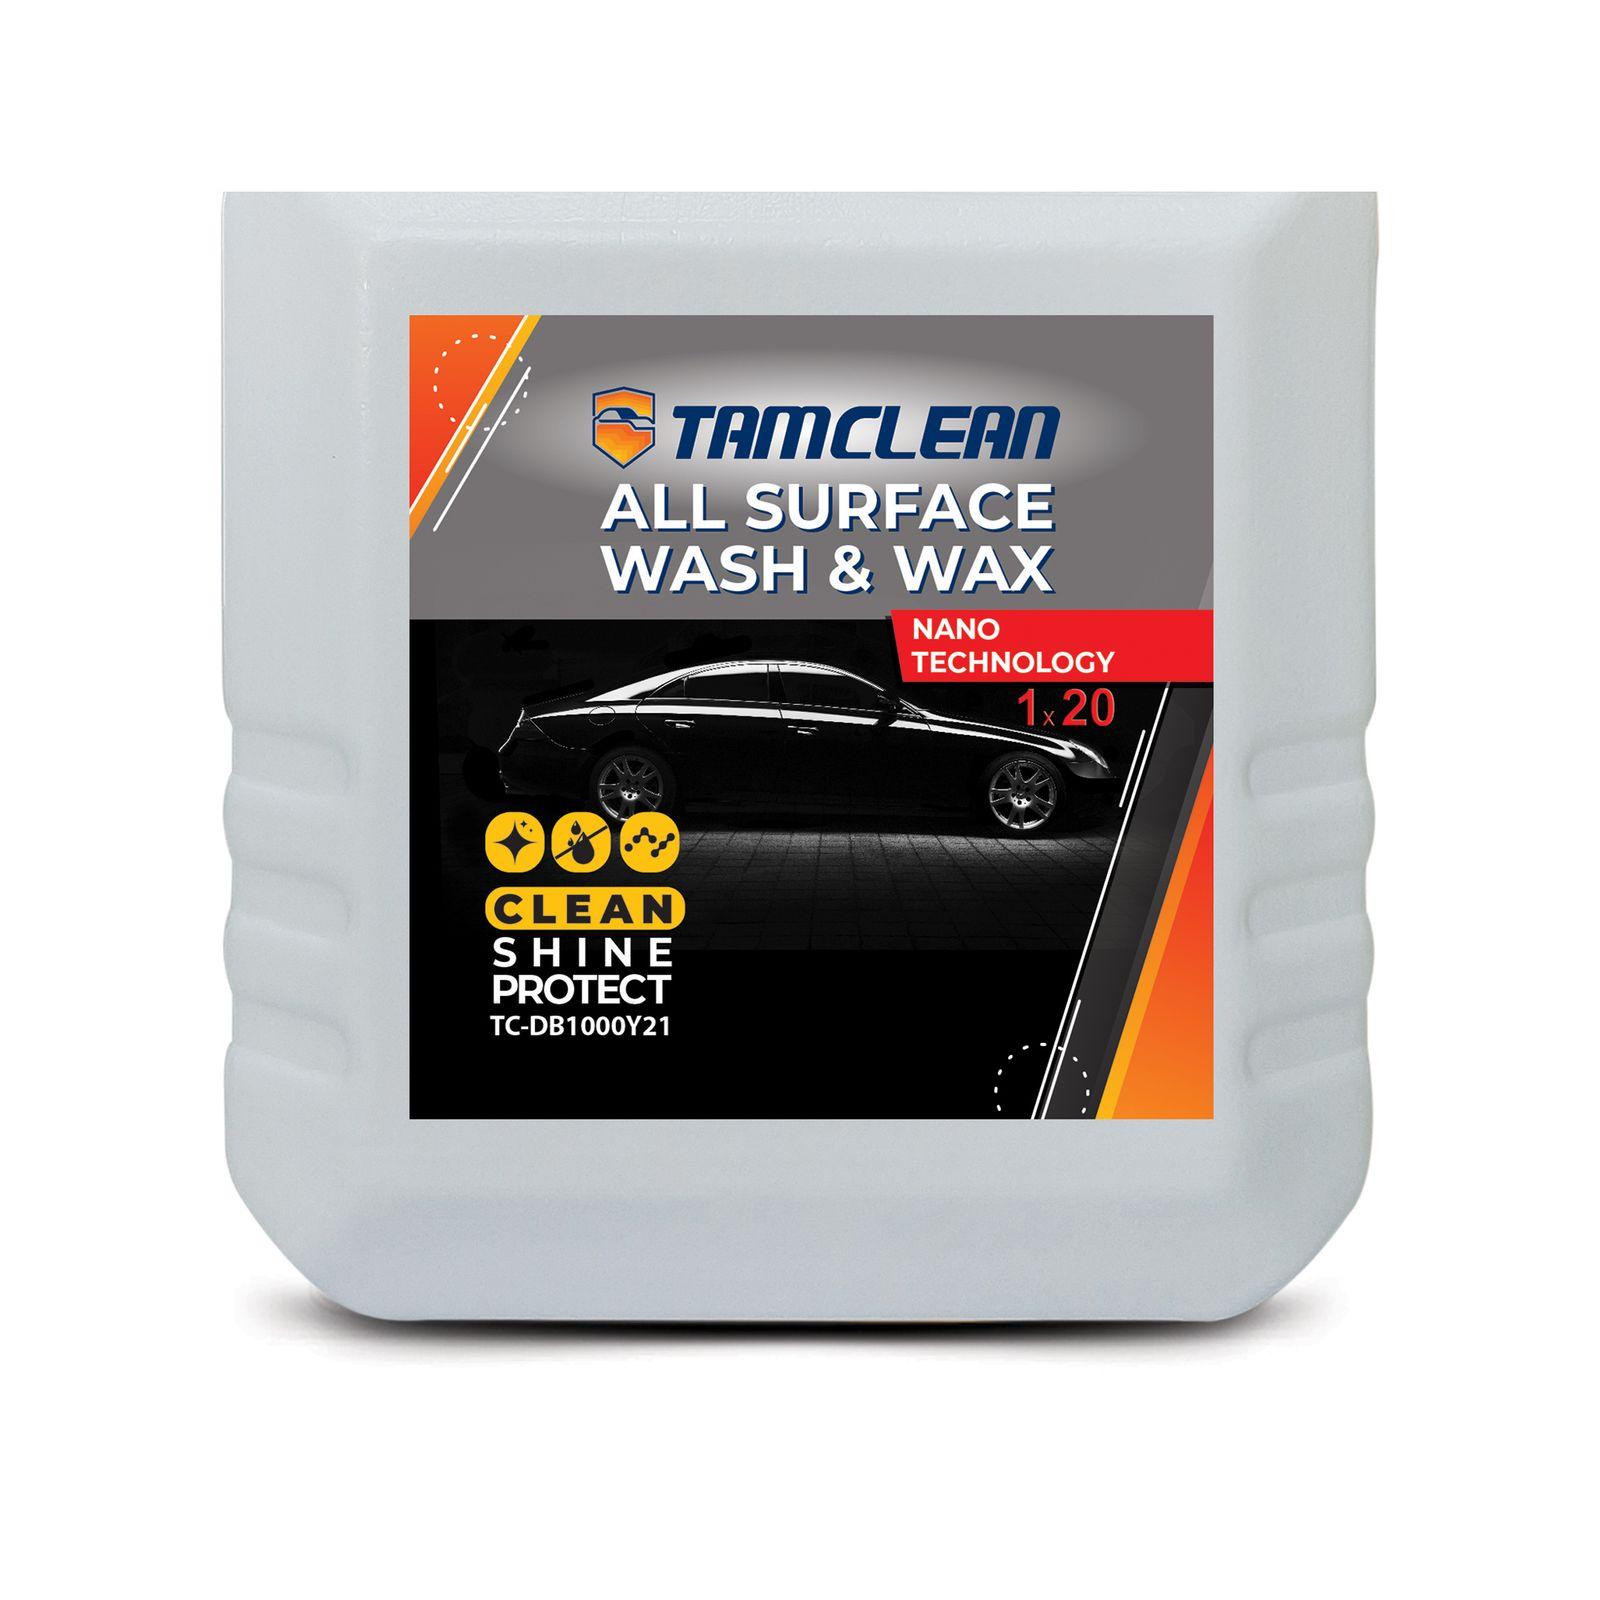 کنسانتره کارواش بدون آب تام کلین مدل TC-DB1000Y21 حجم 1 لیتر thumb 2 1